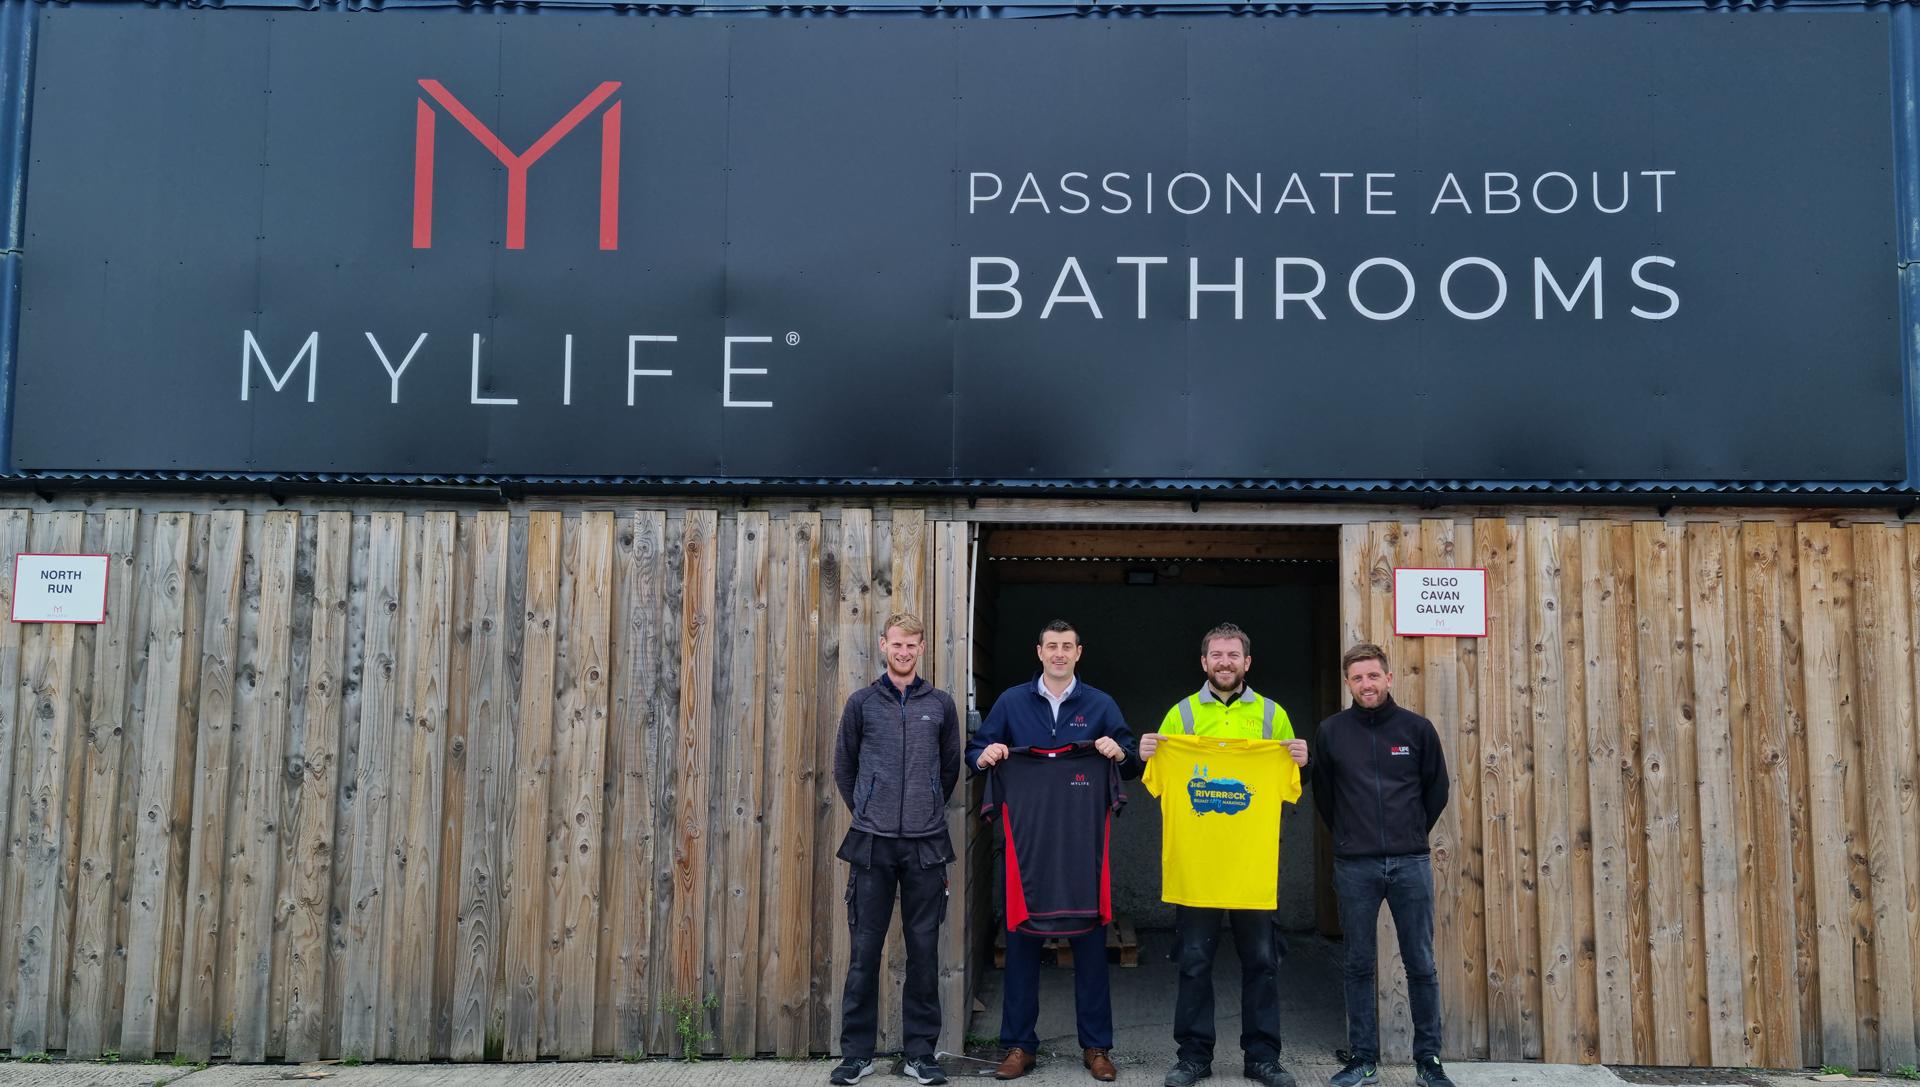 Team MyLife Enter Belfast Marathon